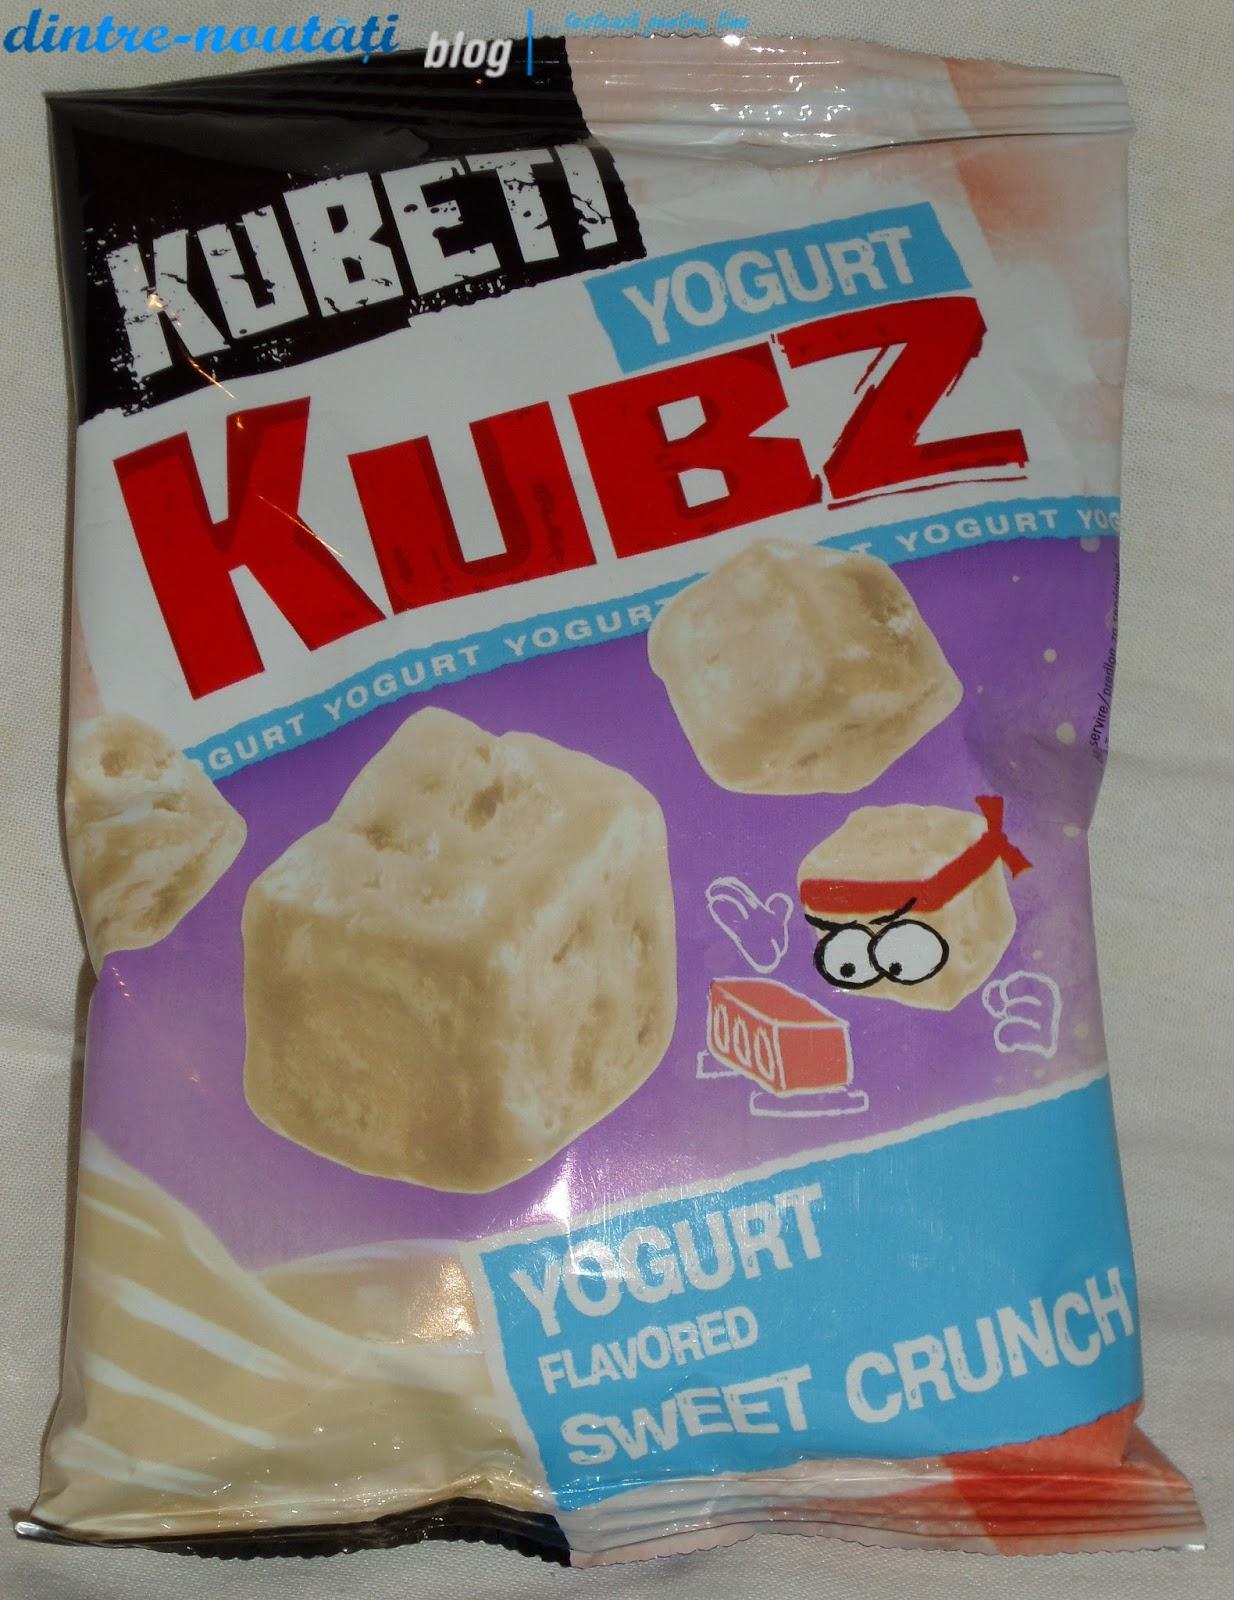 KUBETI YOGURT KUBZ FLAVORED SWEET CRUNCH - Cuburi din pâine de grâu și secară coapte cu glazură cu aromă de iaurt